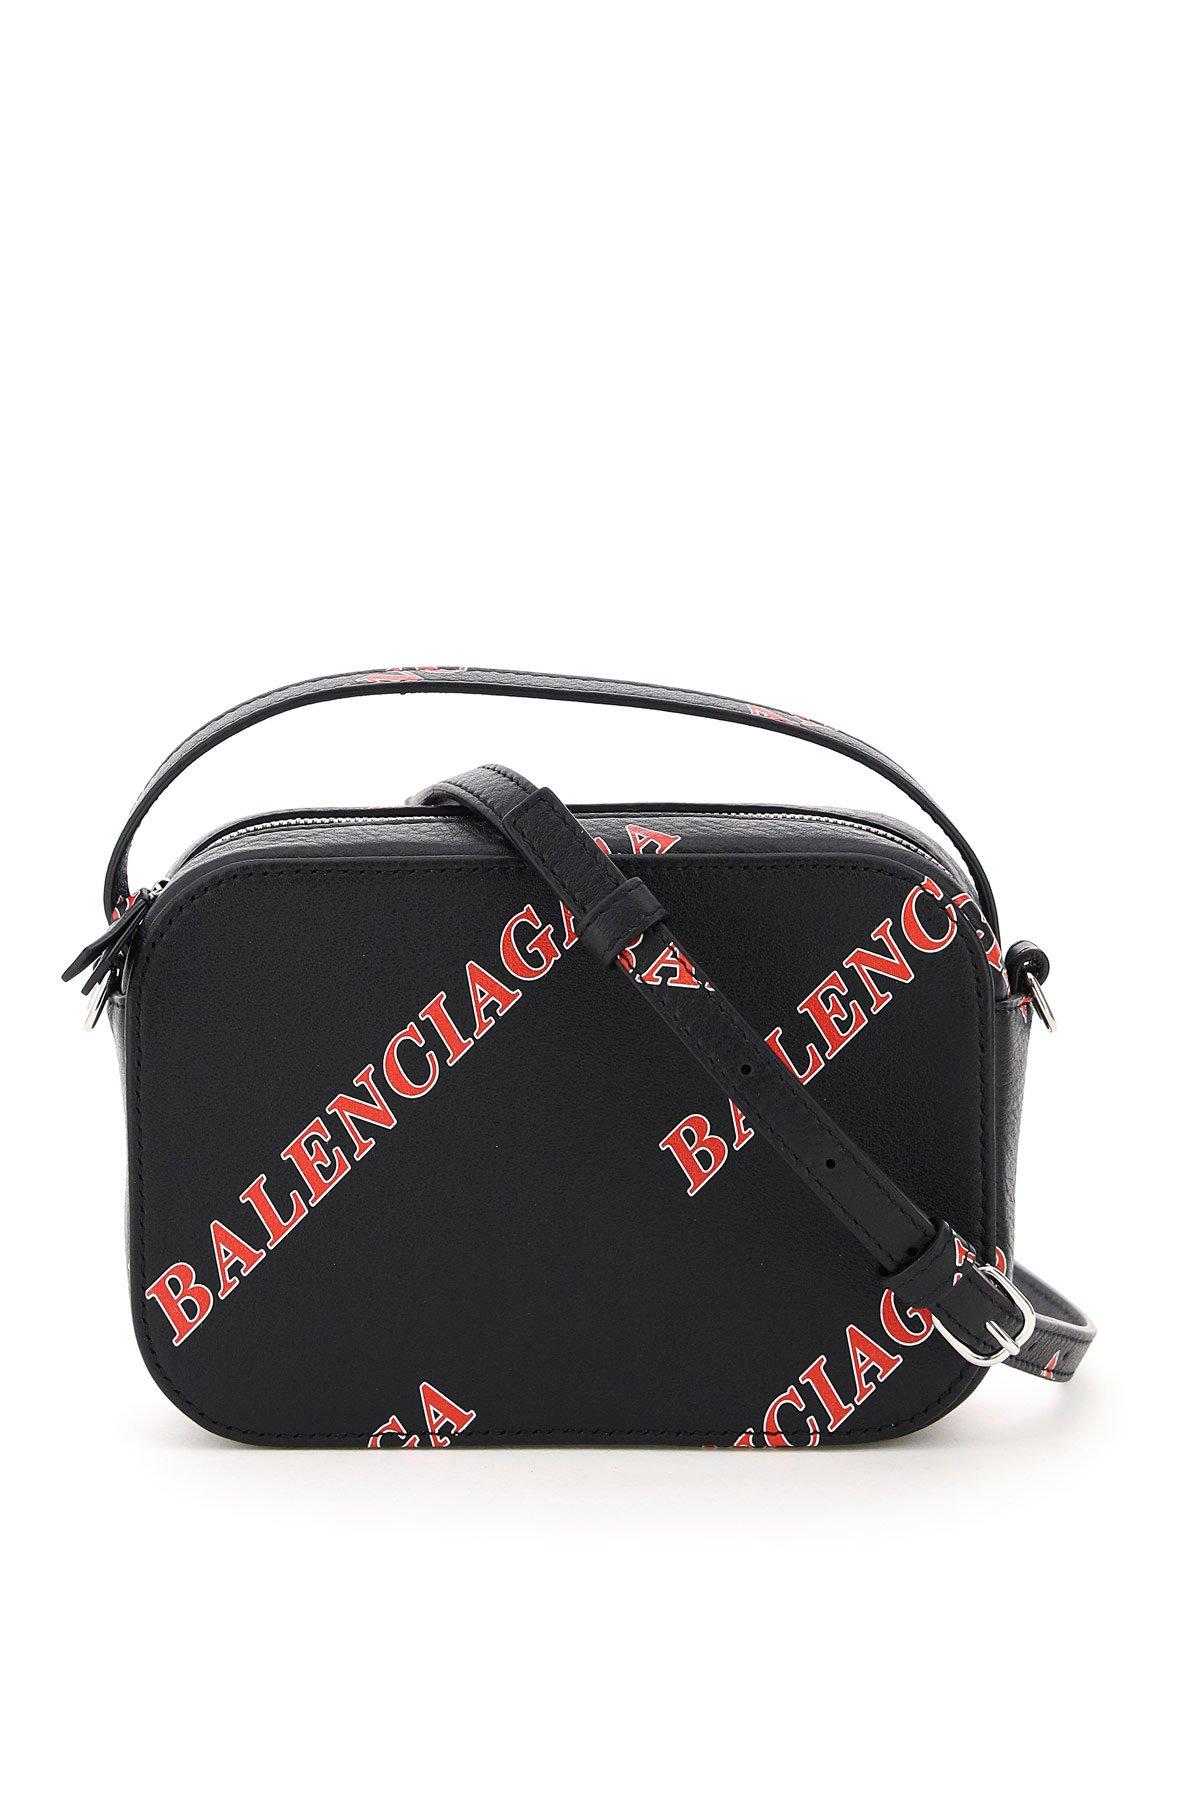 Balenciaga borsa everyday xs sporty logo